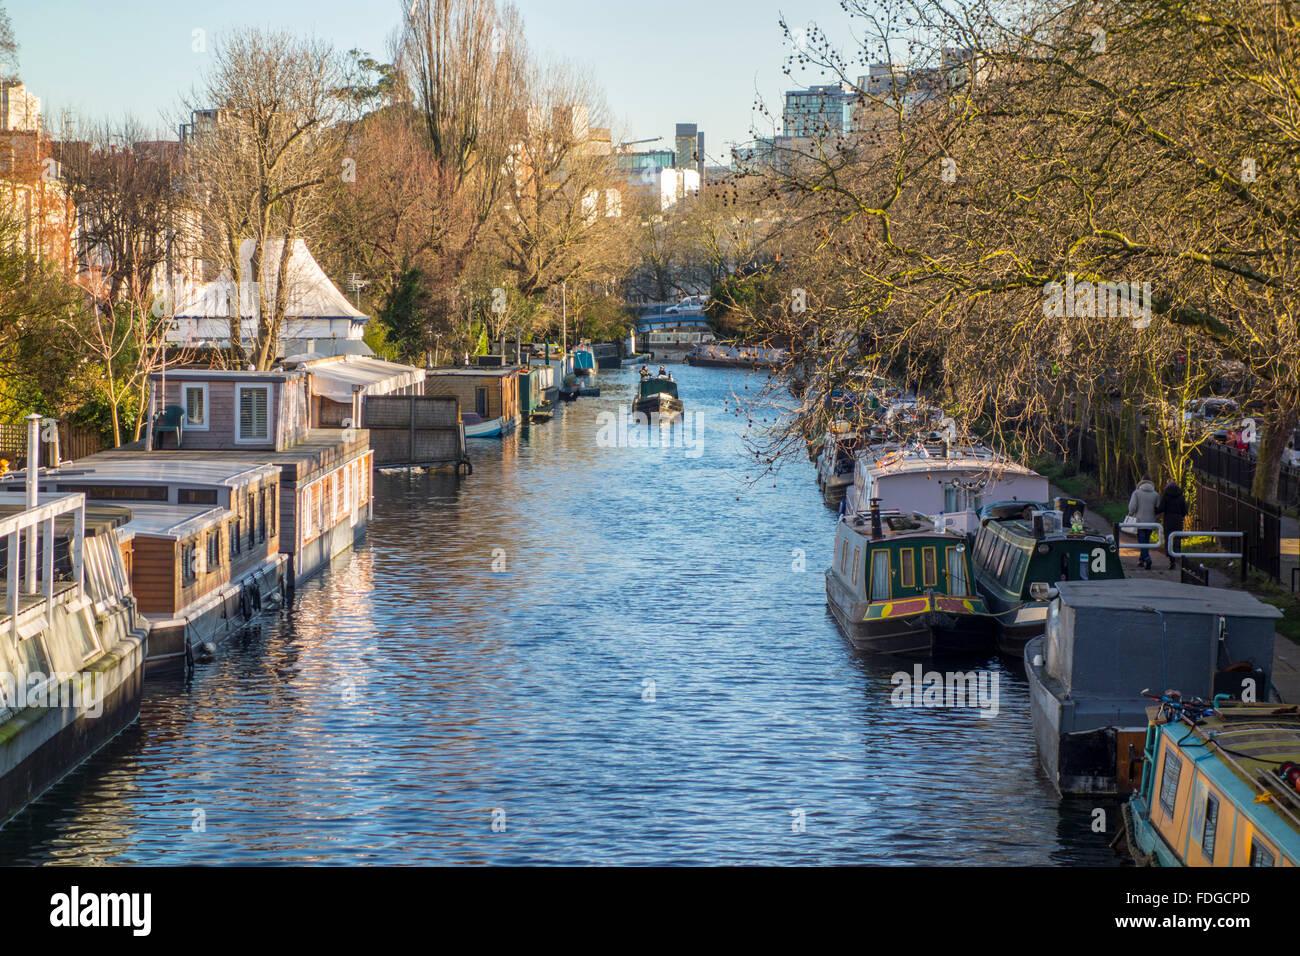 Grand Union Canal, la Petite Venise, Paddington, London, UK Photo Stock